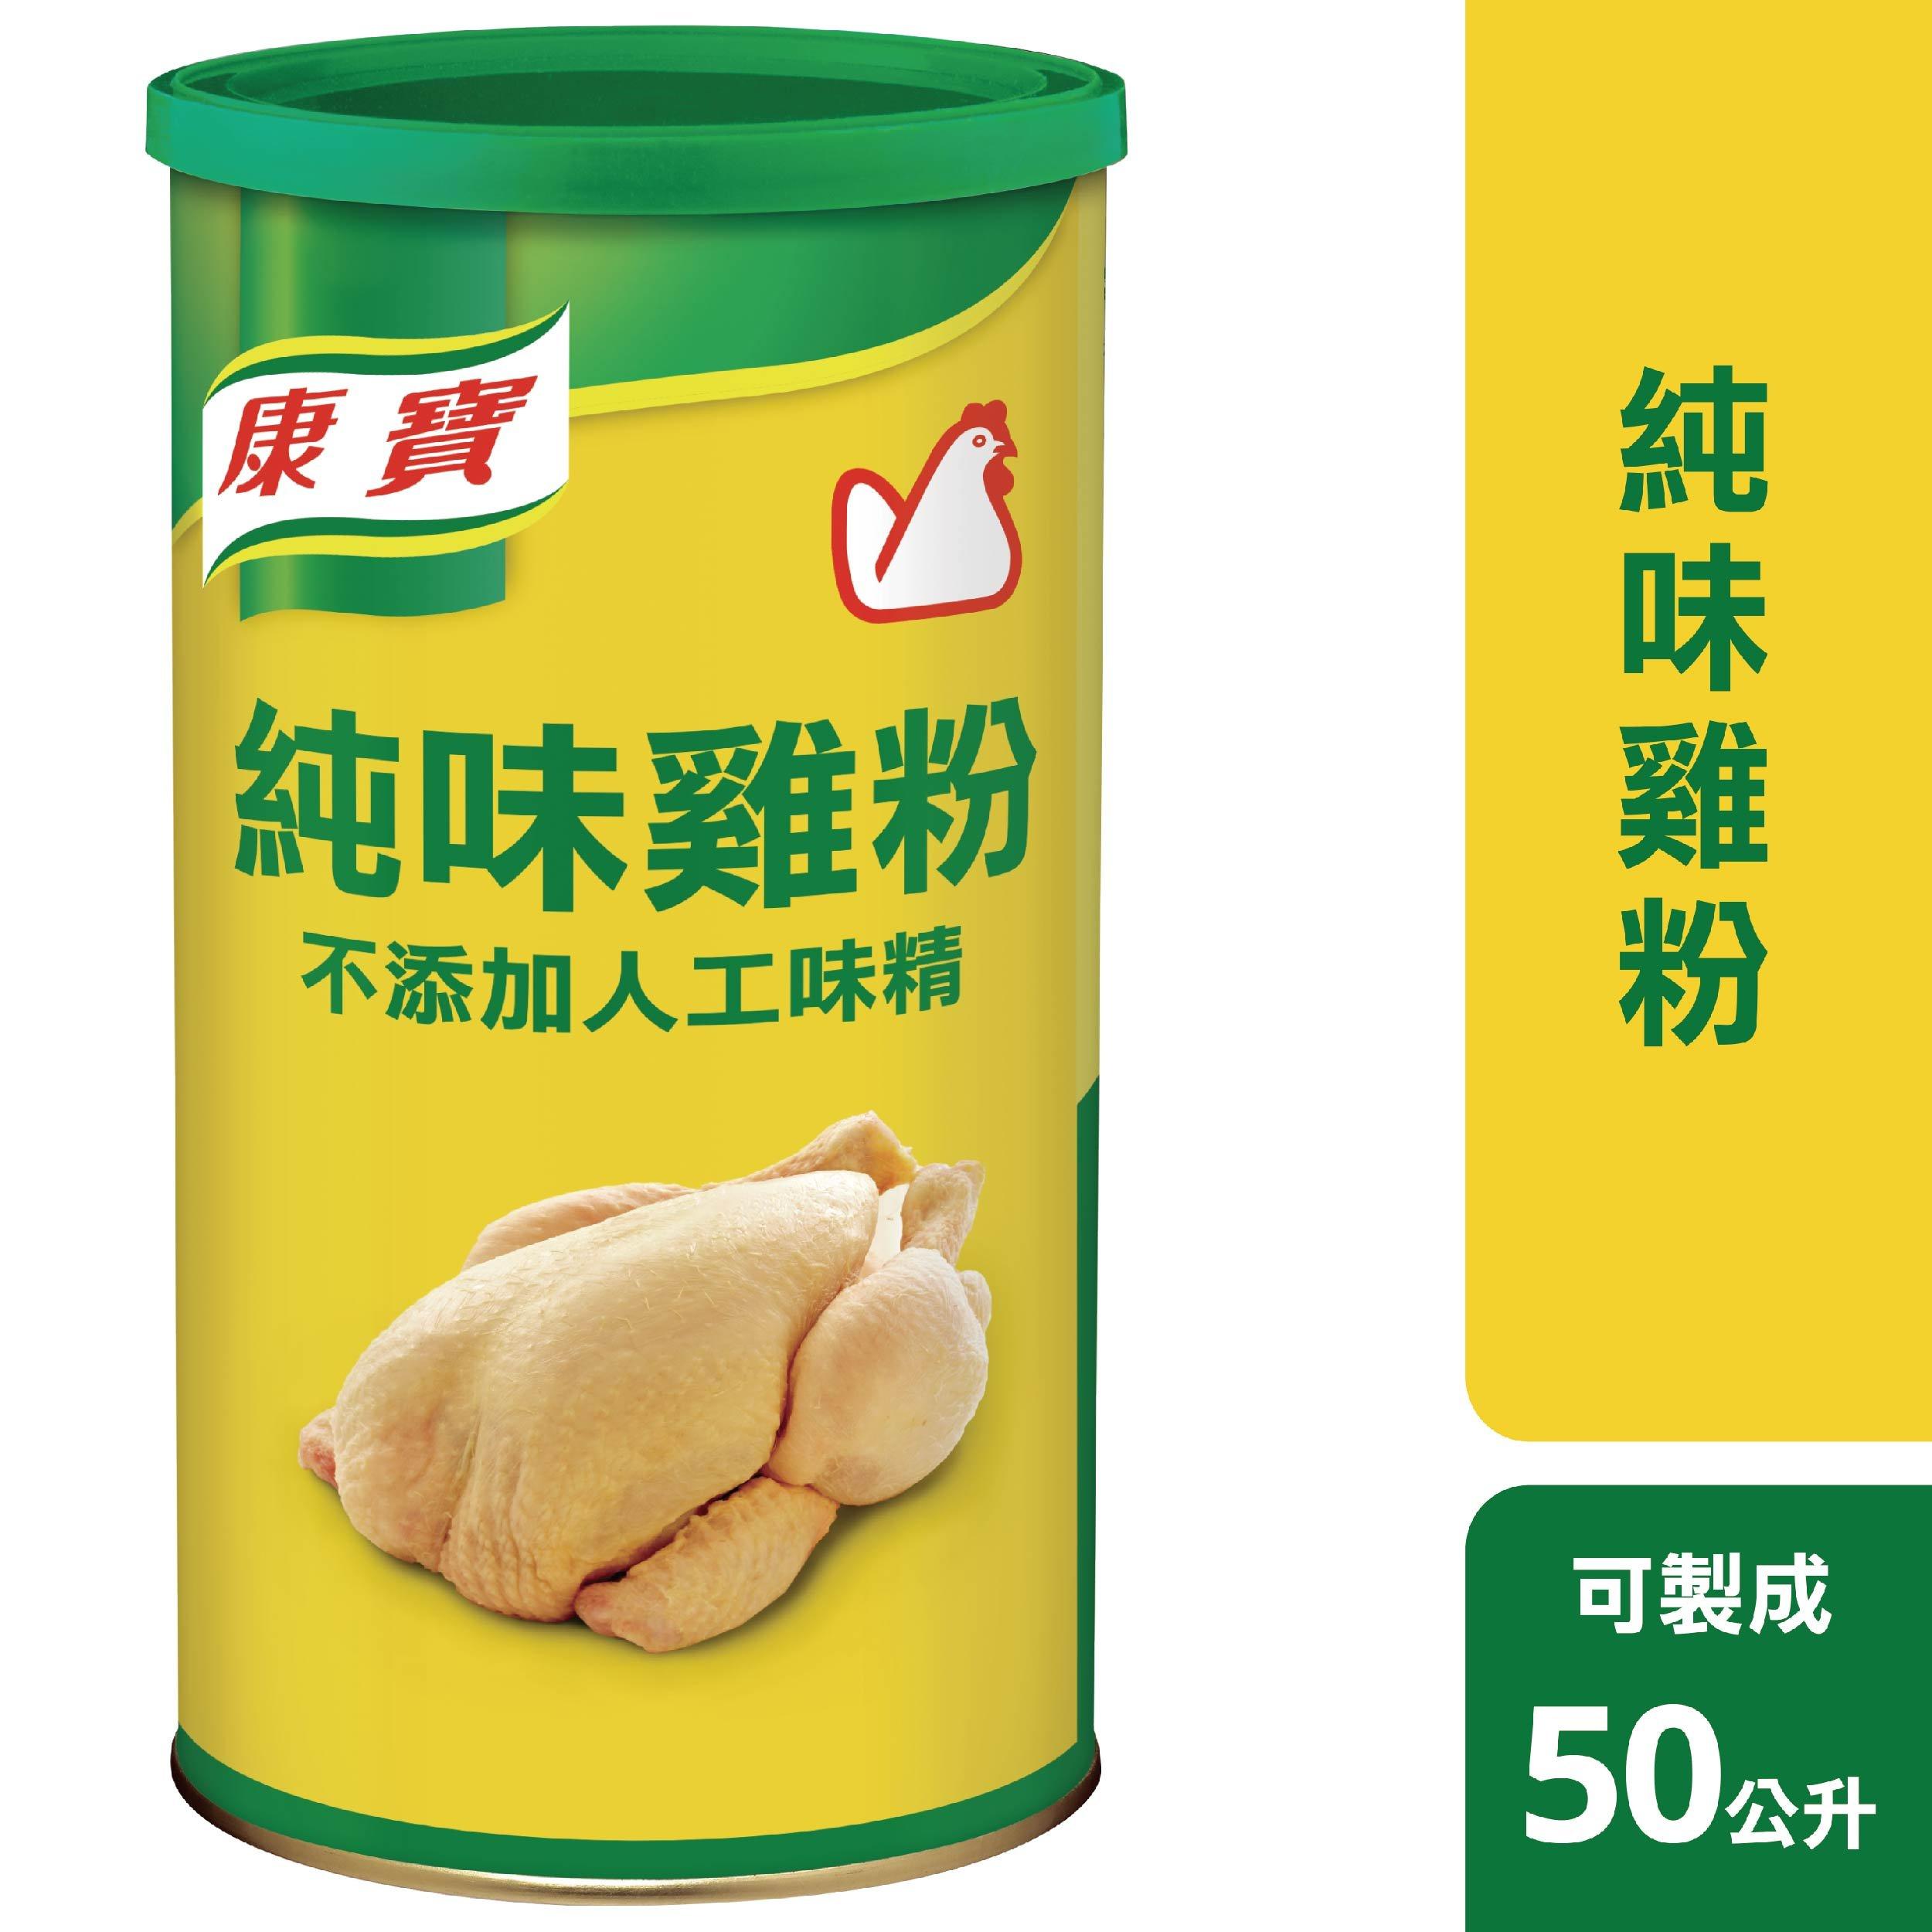 康寶純味雞粉 -